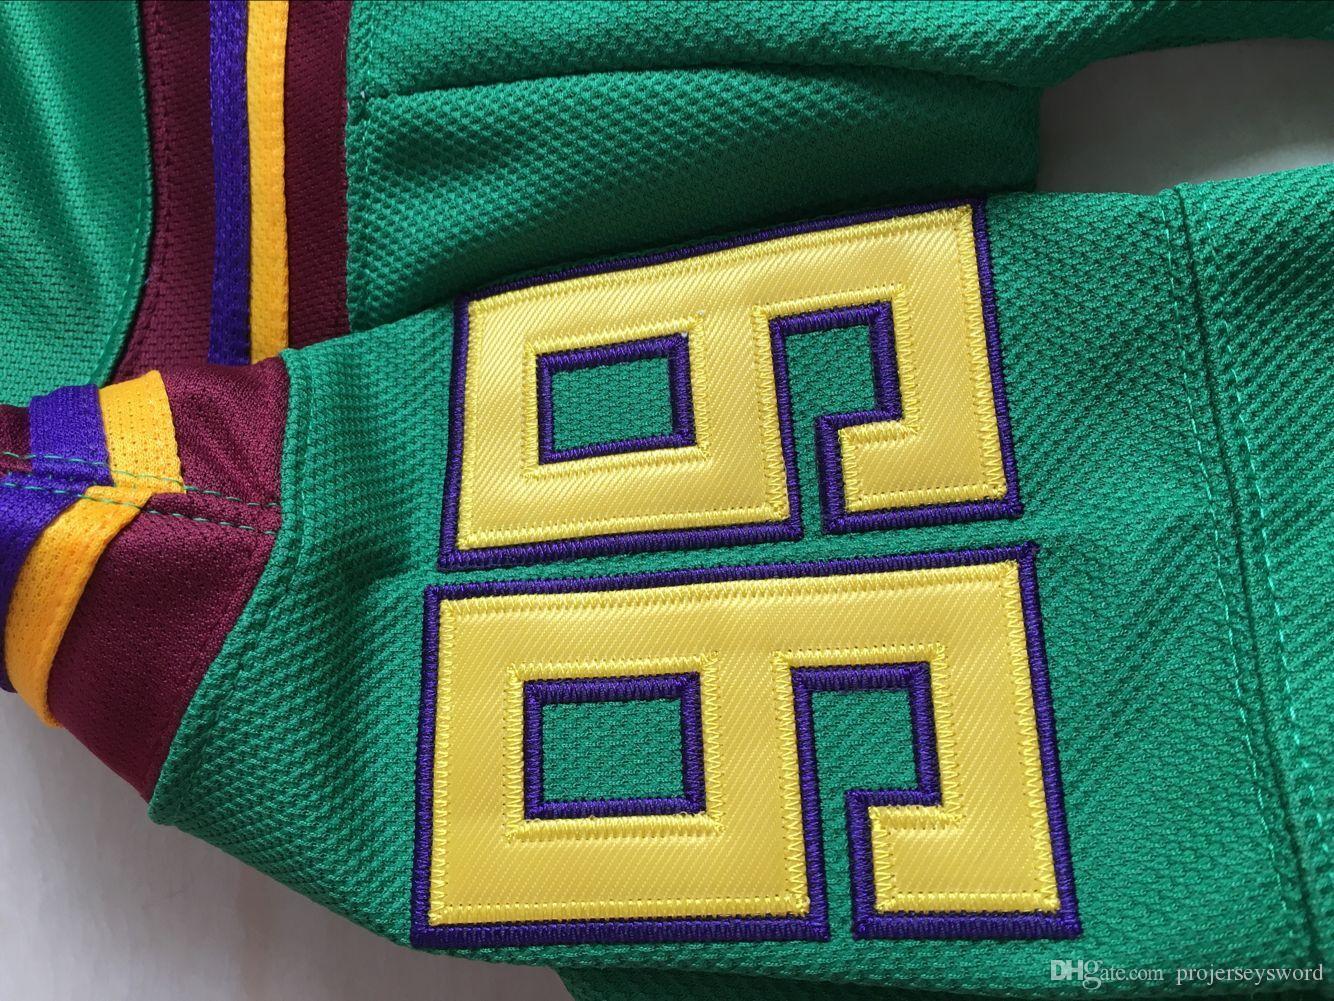 Mighty Ducks-Trikot 66 Gordon Bombay 96 Charlie Conway 99 Adam Banks-Eishockeytrikot Die mächtigen Enten von Anaheim Men Movie Trikot Grün S-3XL